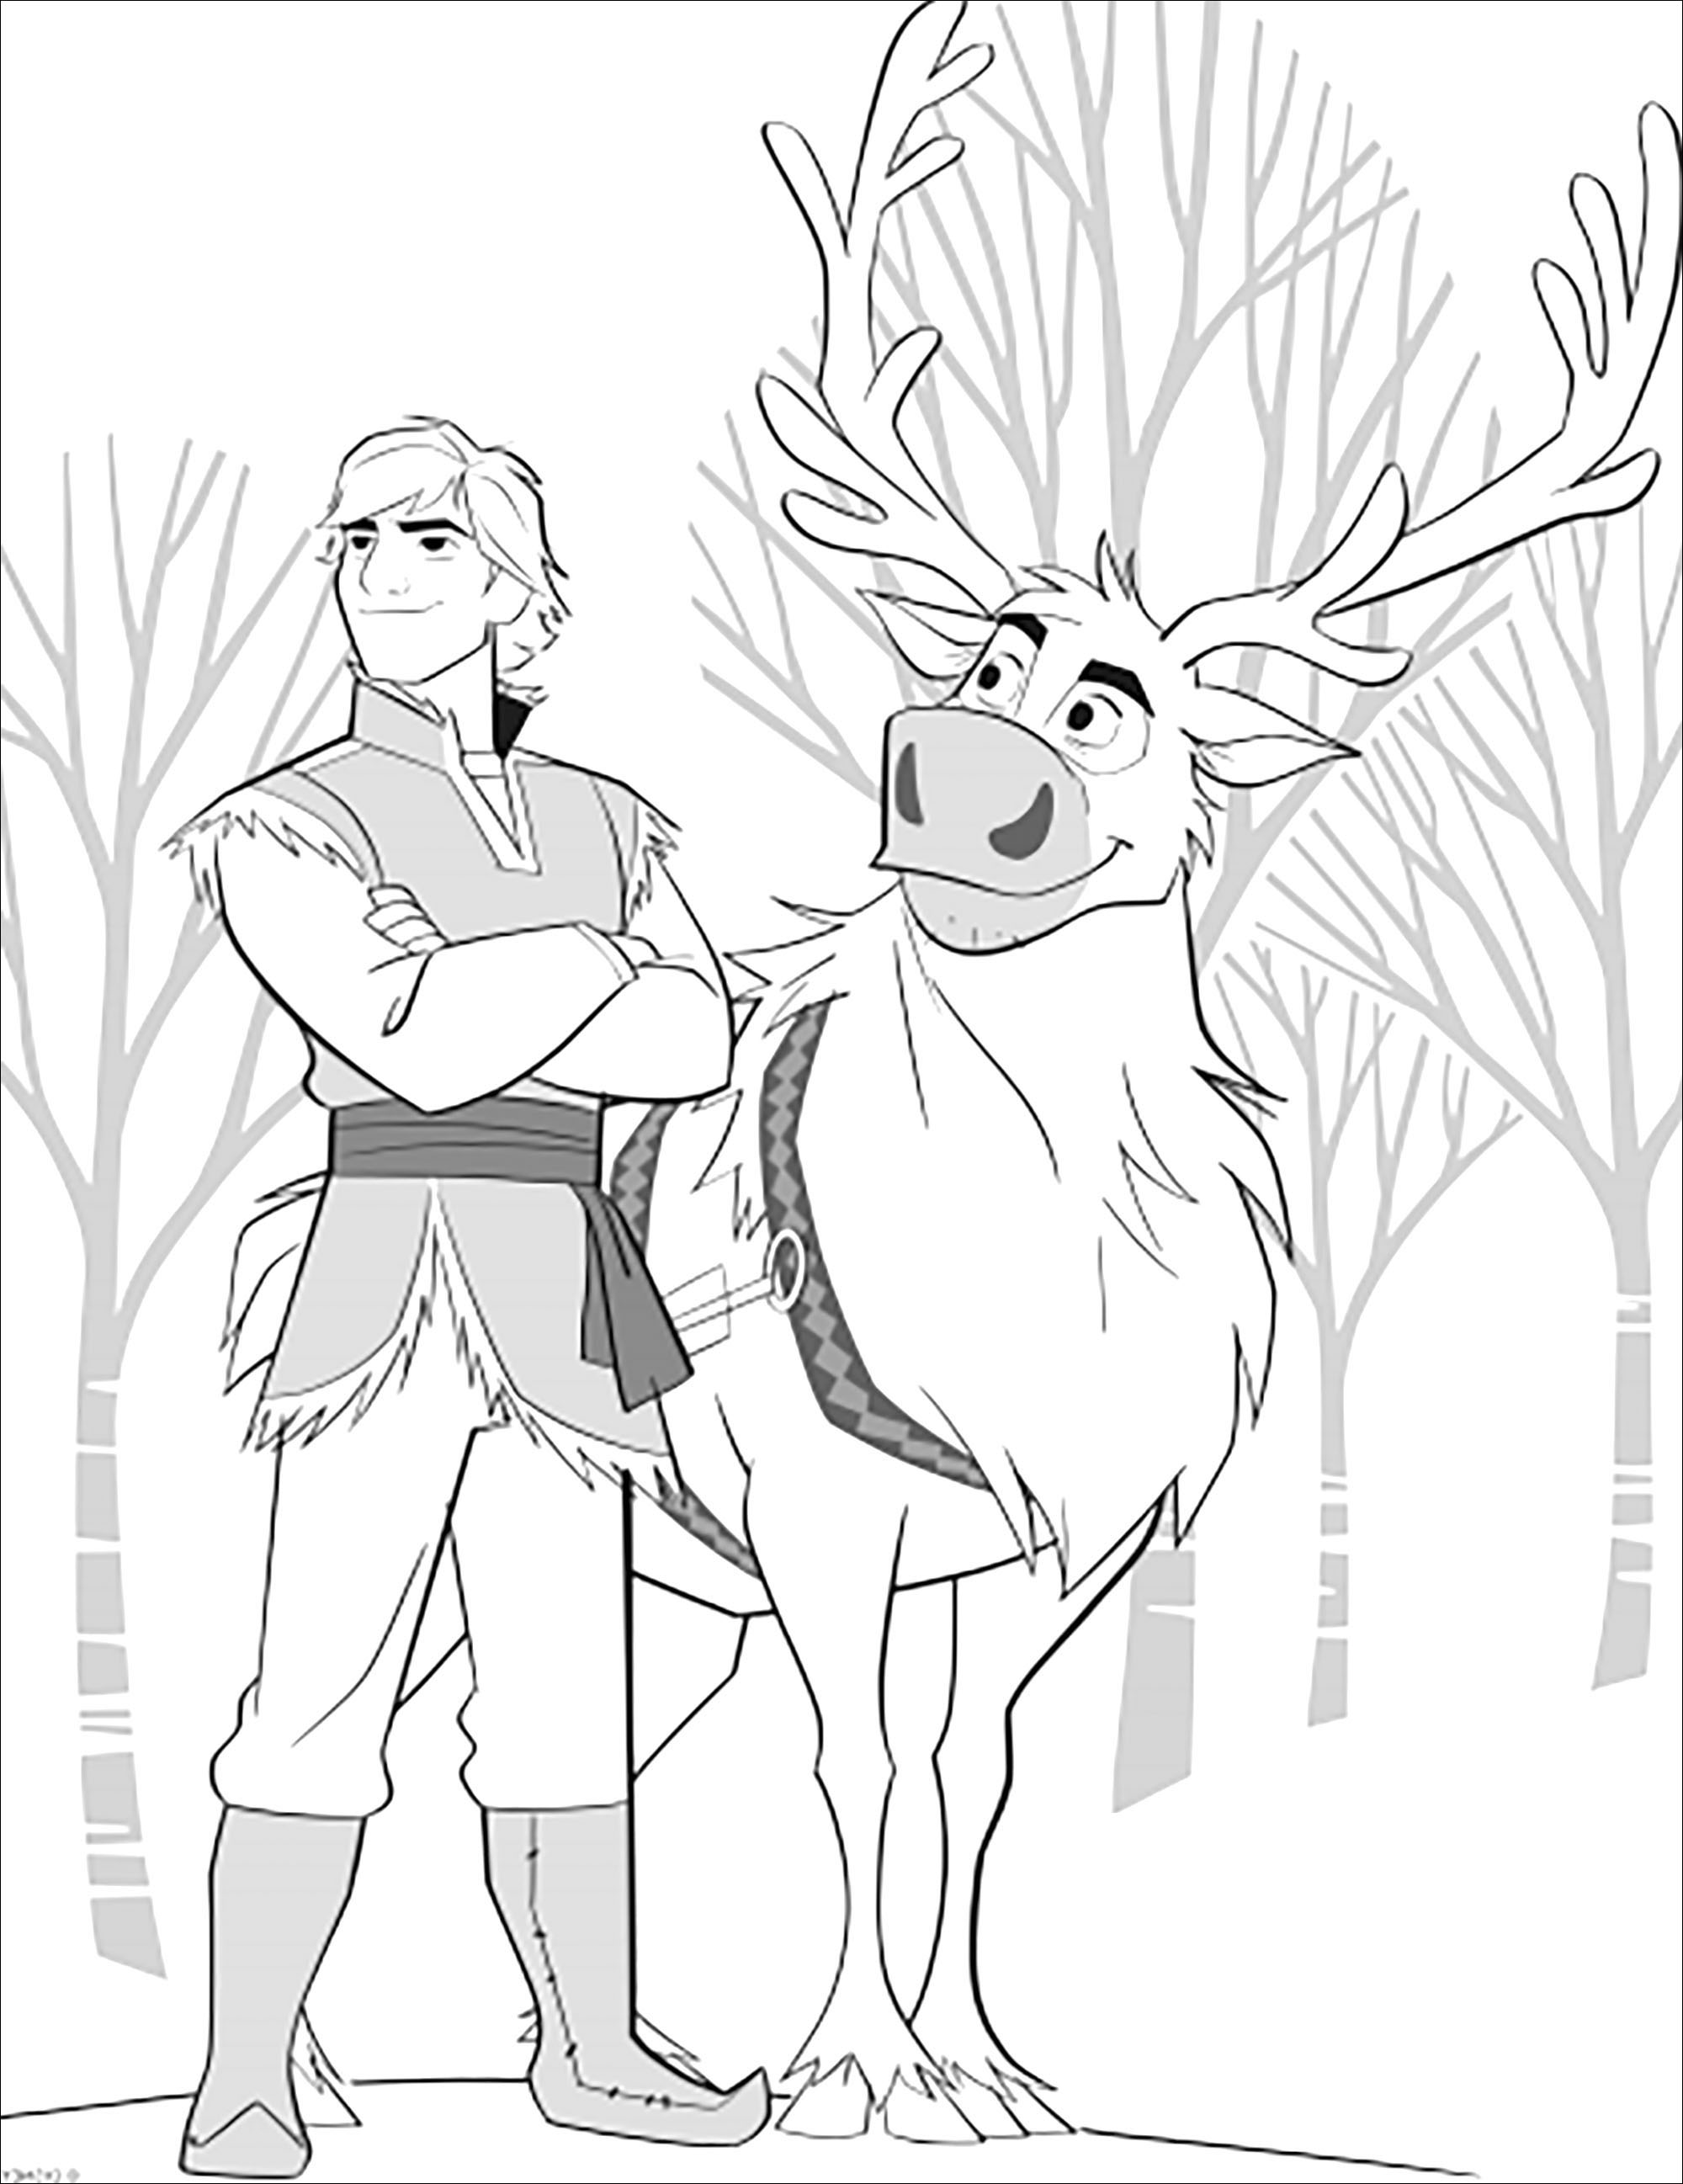 La reine des neiges 2 : Sven et Kristoff sans texte